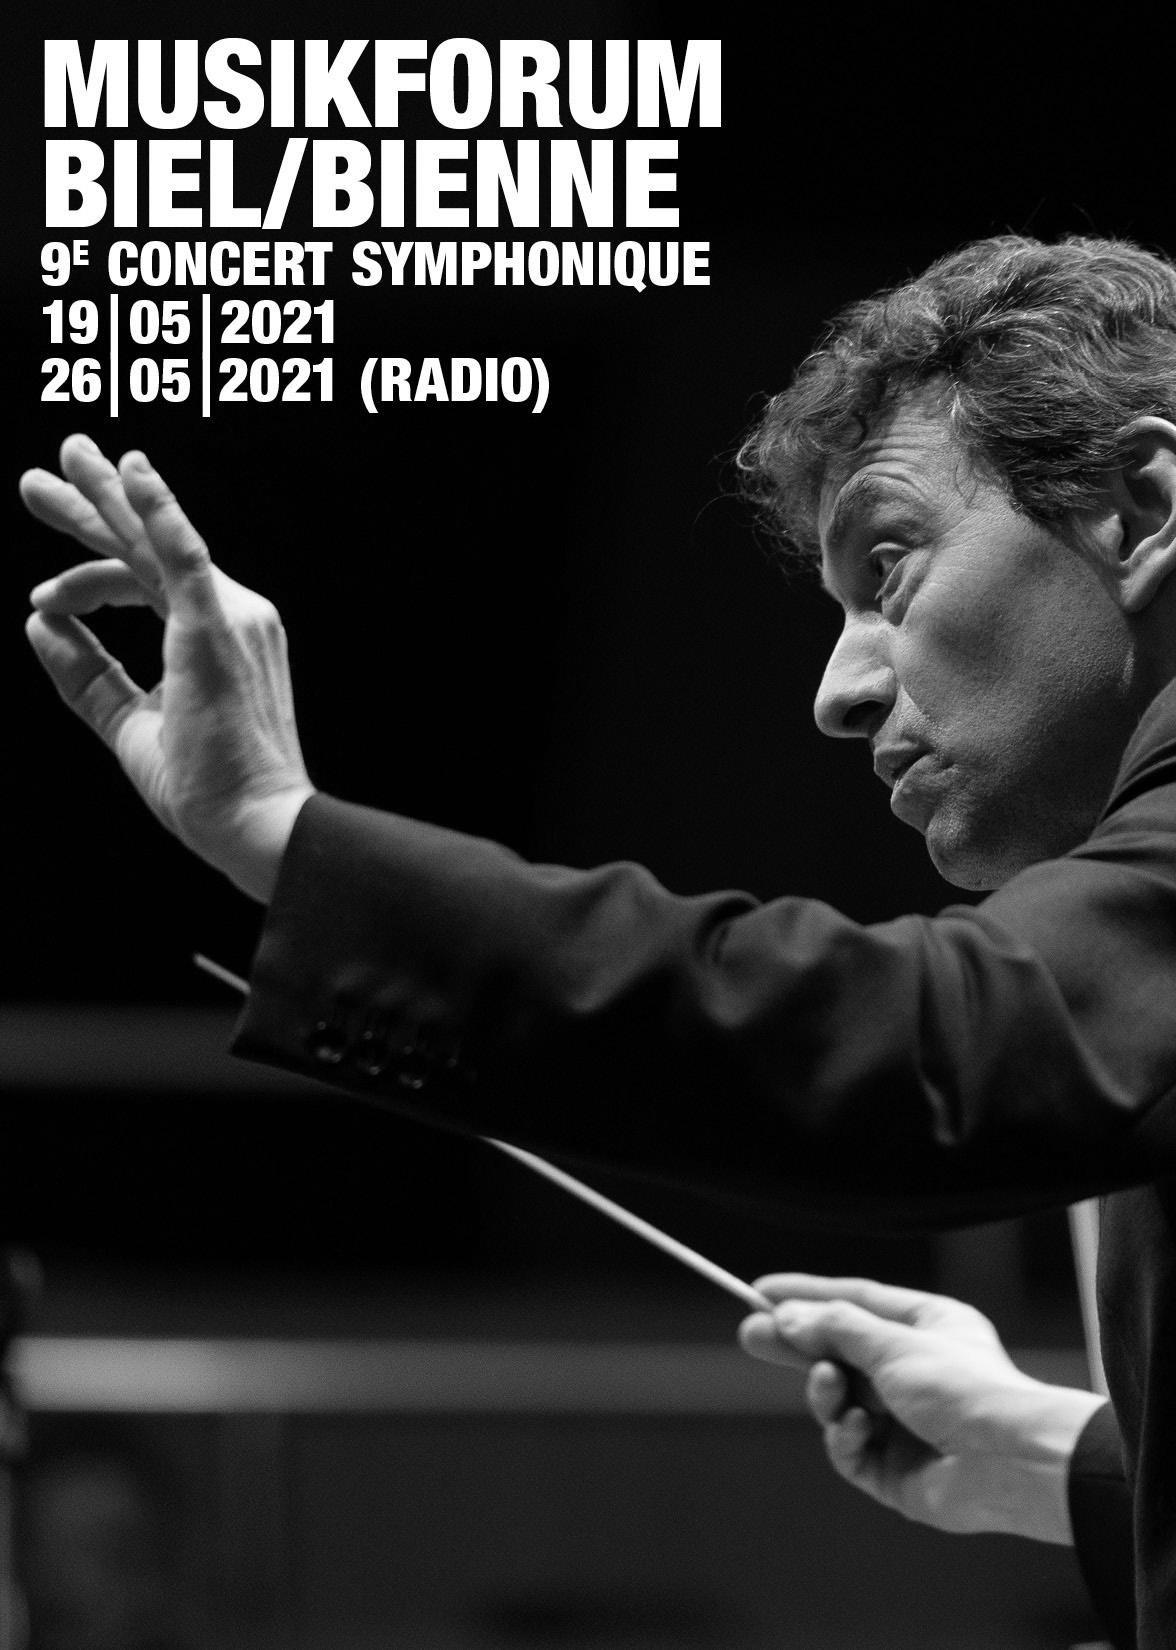 Musikforum Biel/Bienne 2021